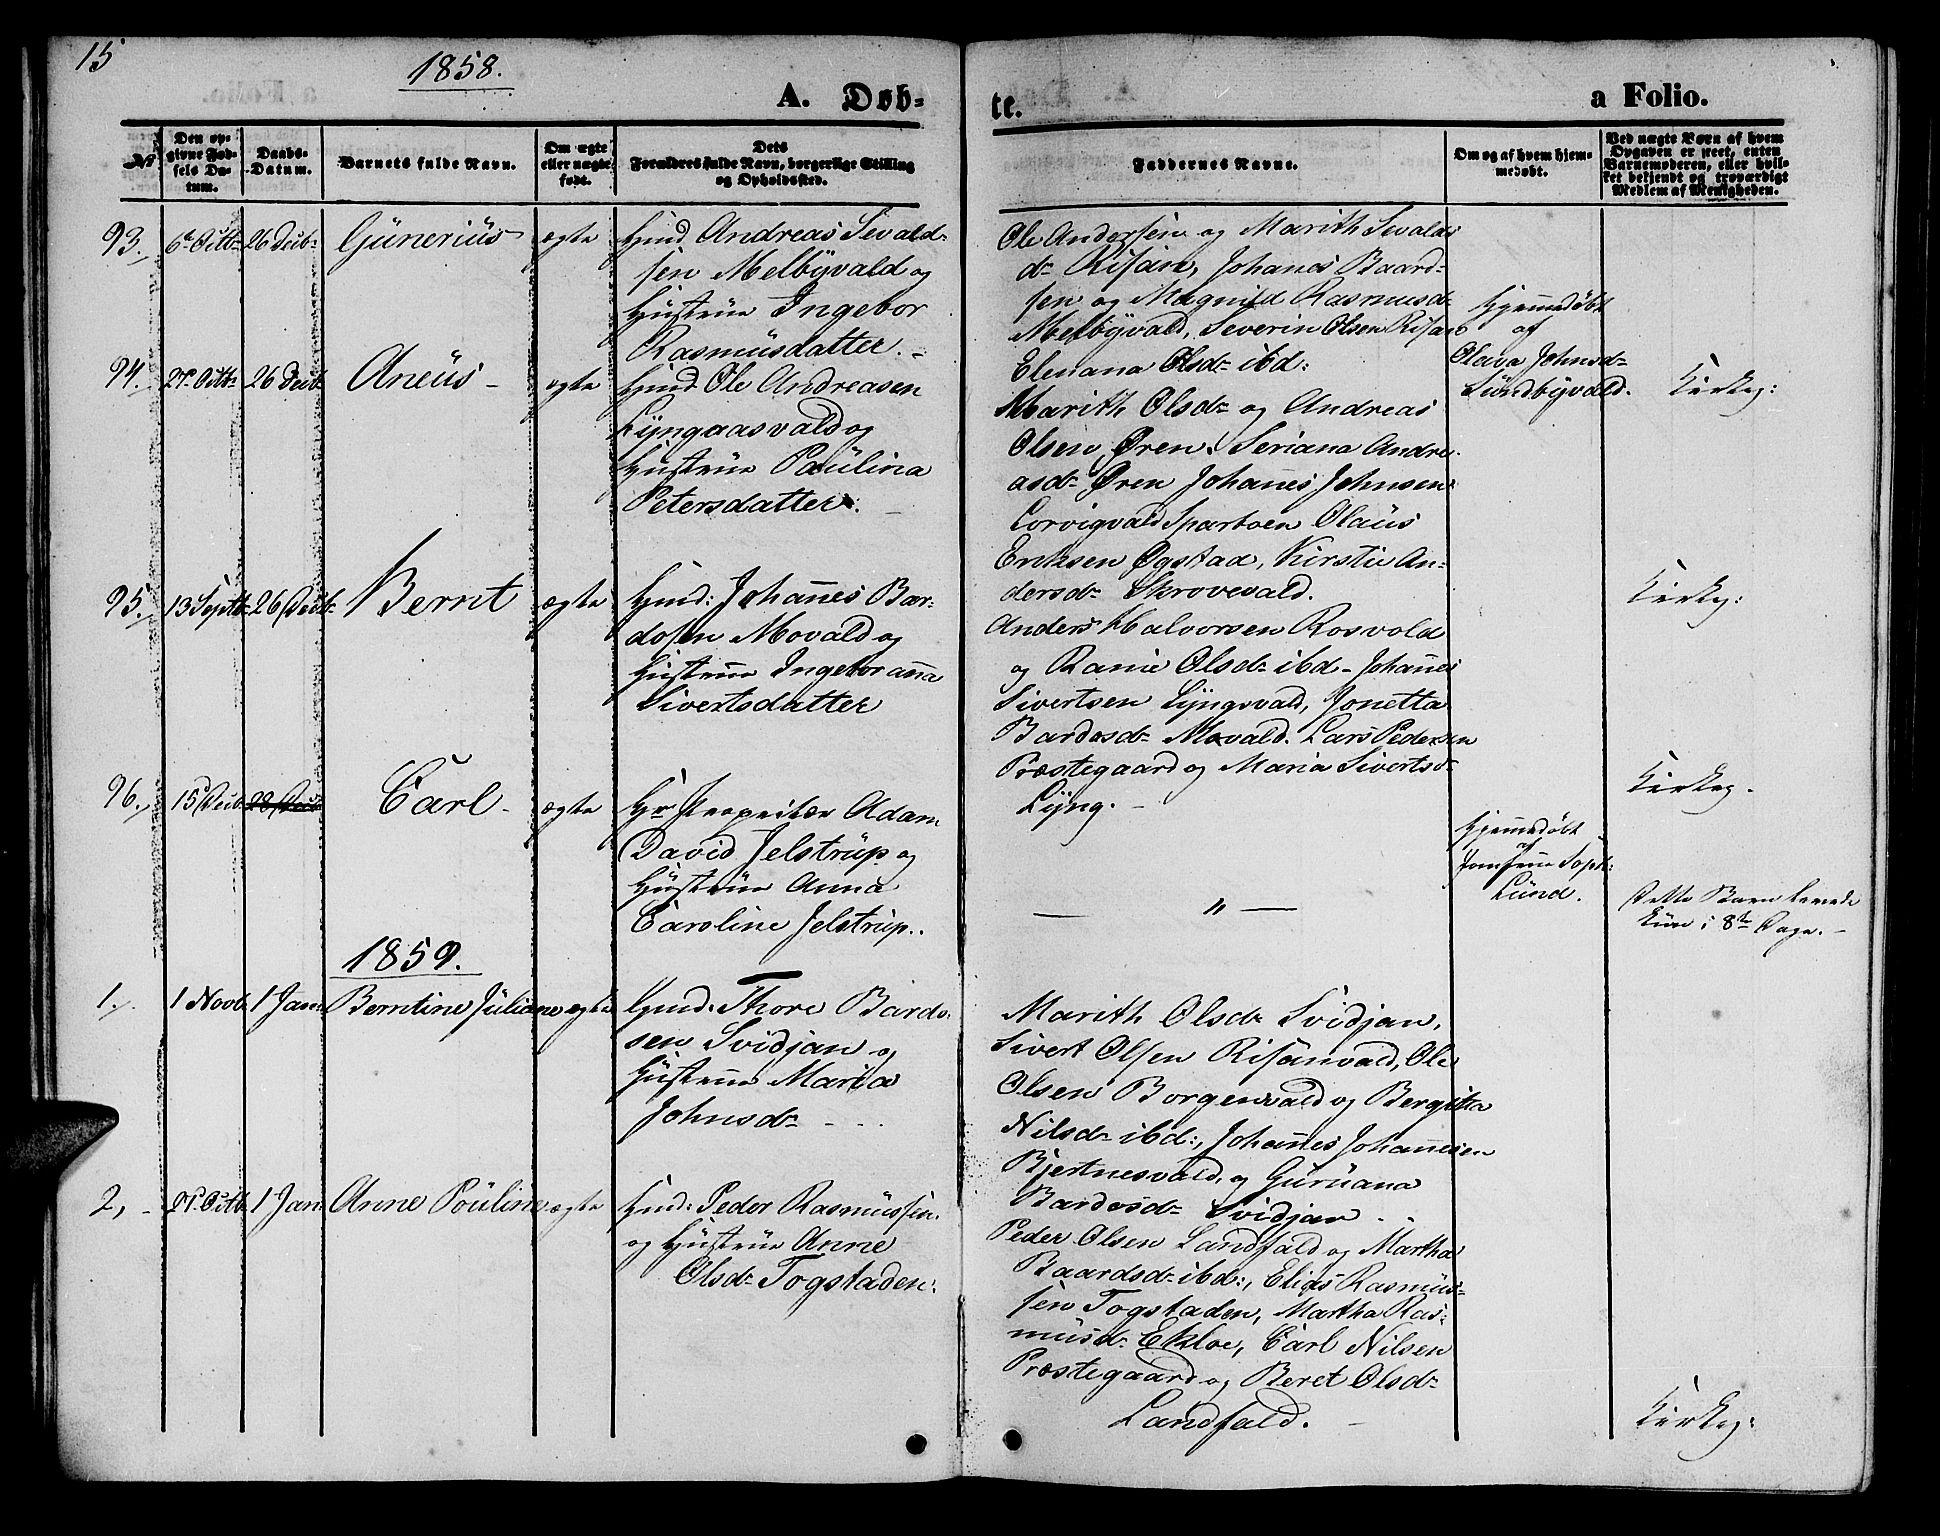 SAT, Ministerialprotokoller, klokkerbøker og fødselsregistre - Nord-Trøndelag, 723/L0254: Klokkerbok nr. 723C02, 1858-1868, s. 15